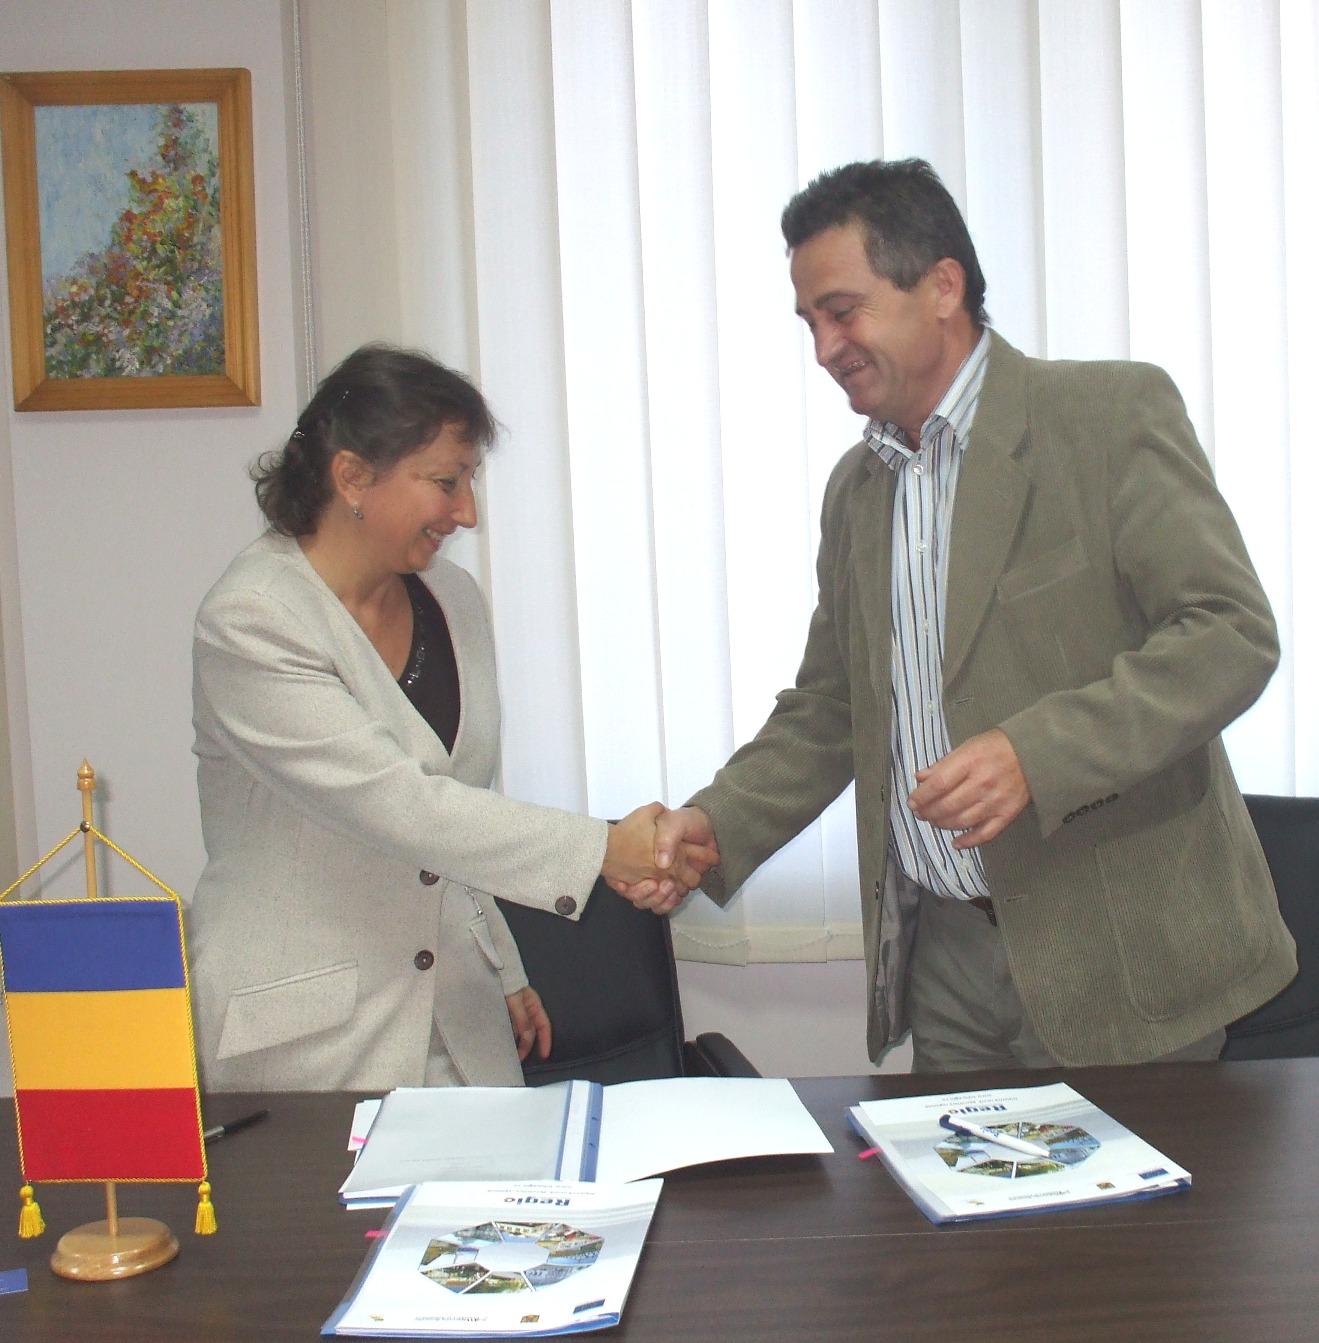 Agenţia pentru Dezvoltare Regională Centru a semnat două noi contracte de finanţare nerambursabilă pentru dezvoltarea judeţului Mureş.